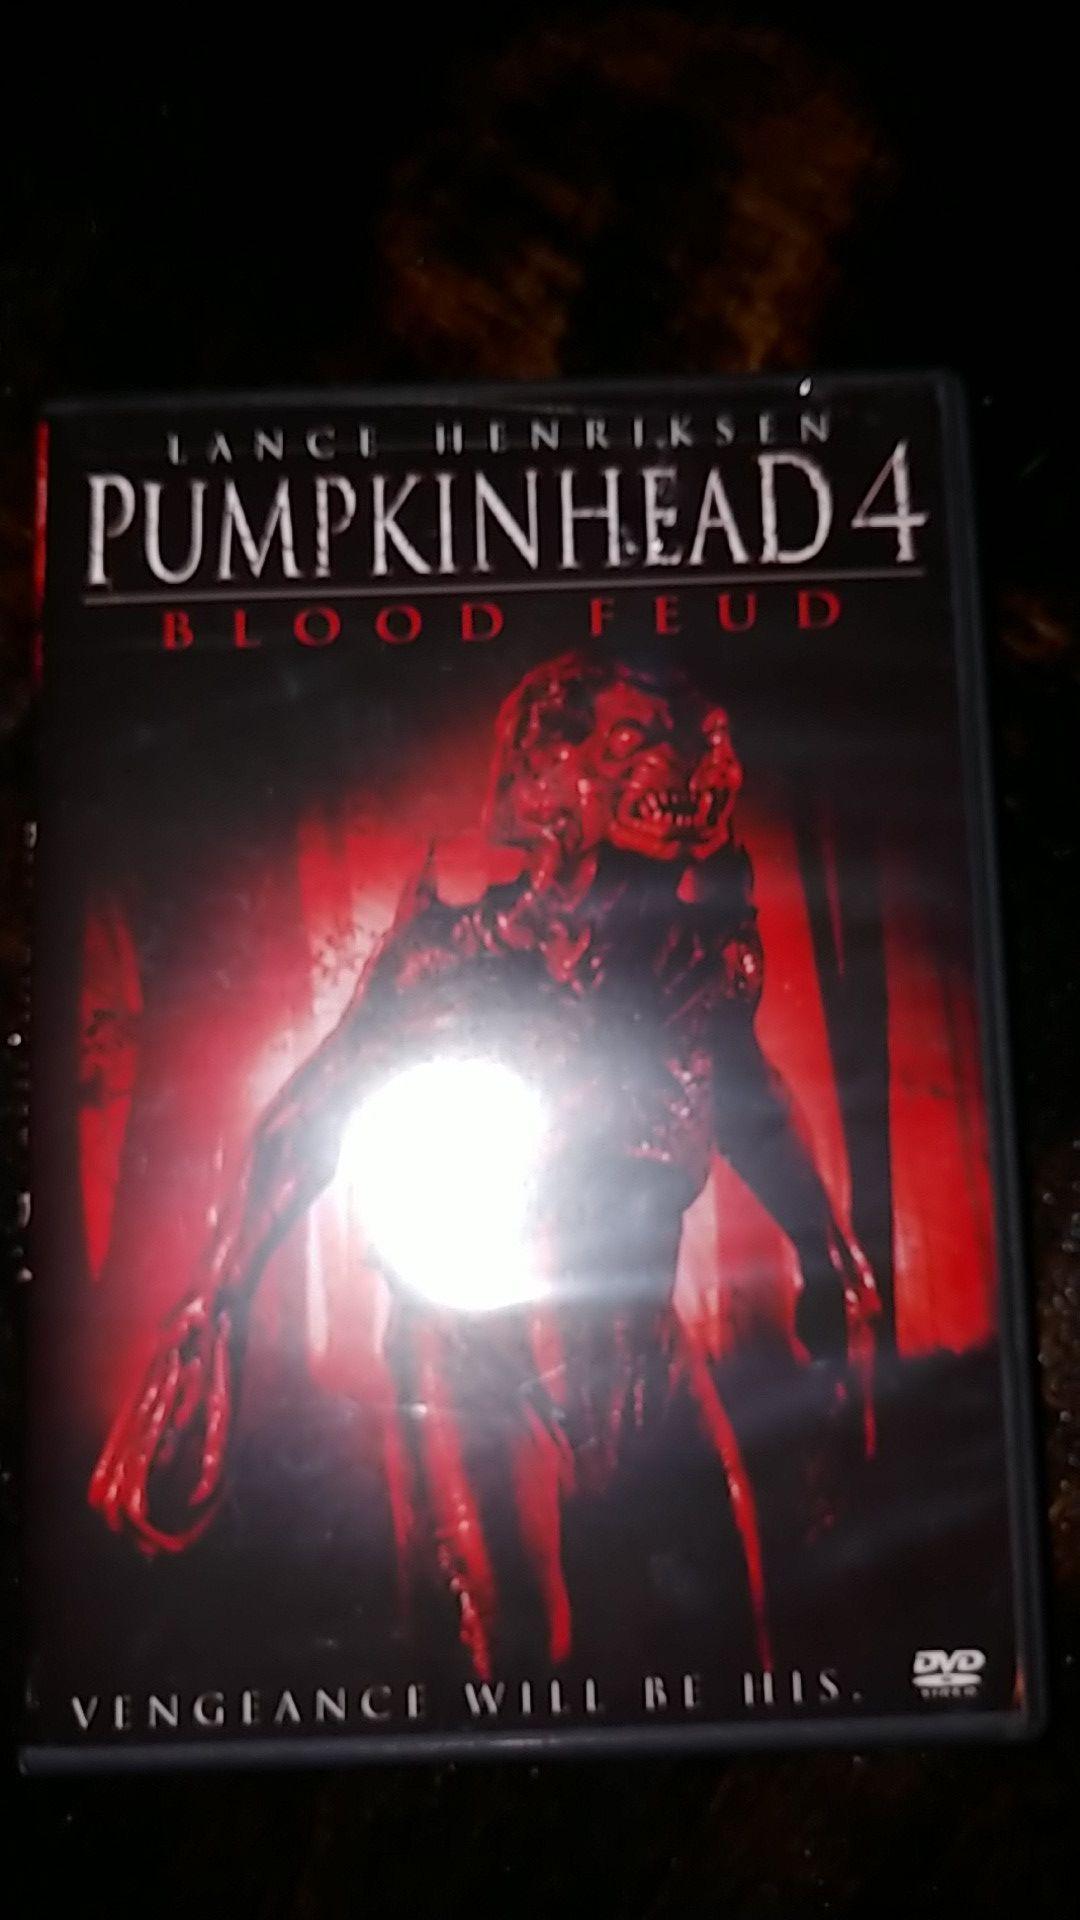 Pumpkinhead 4